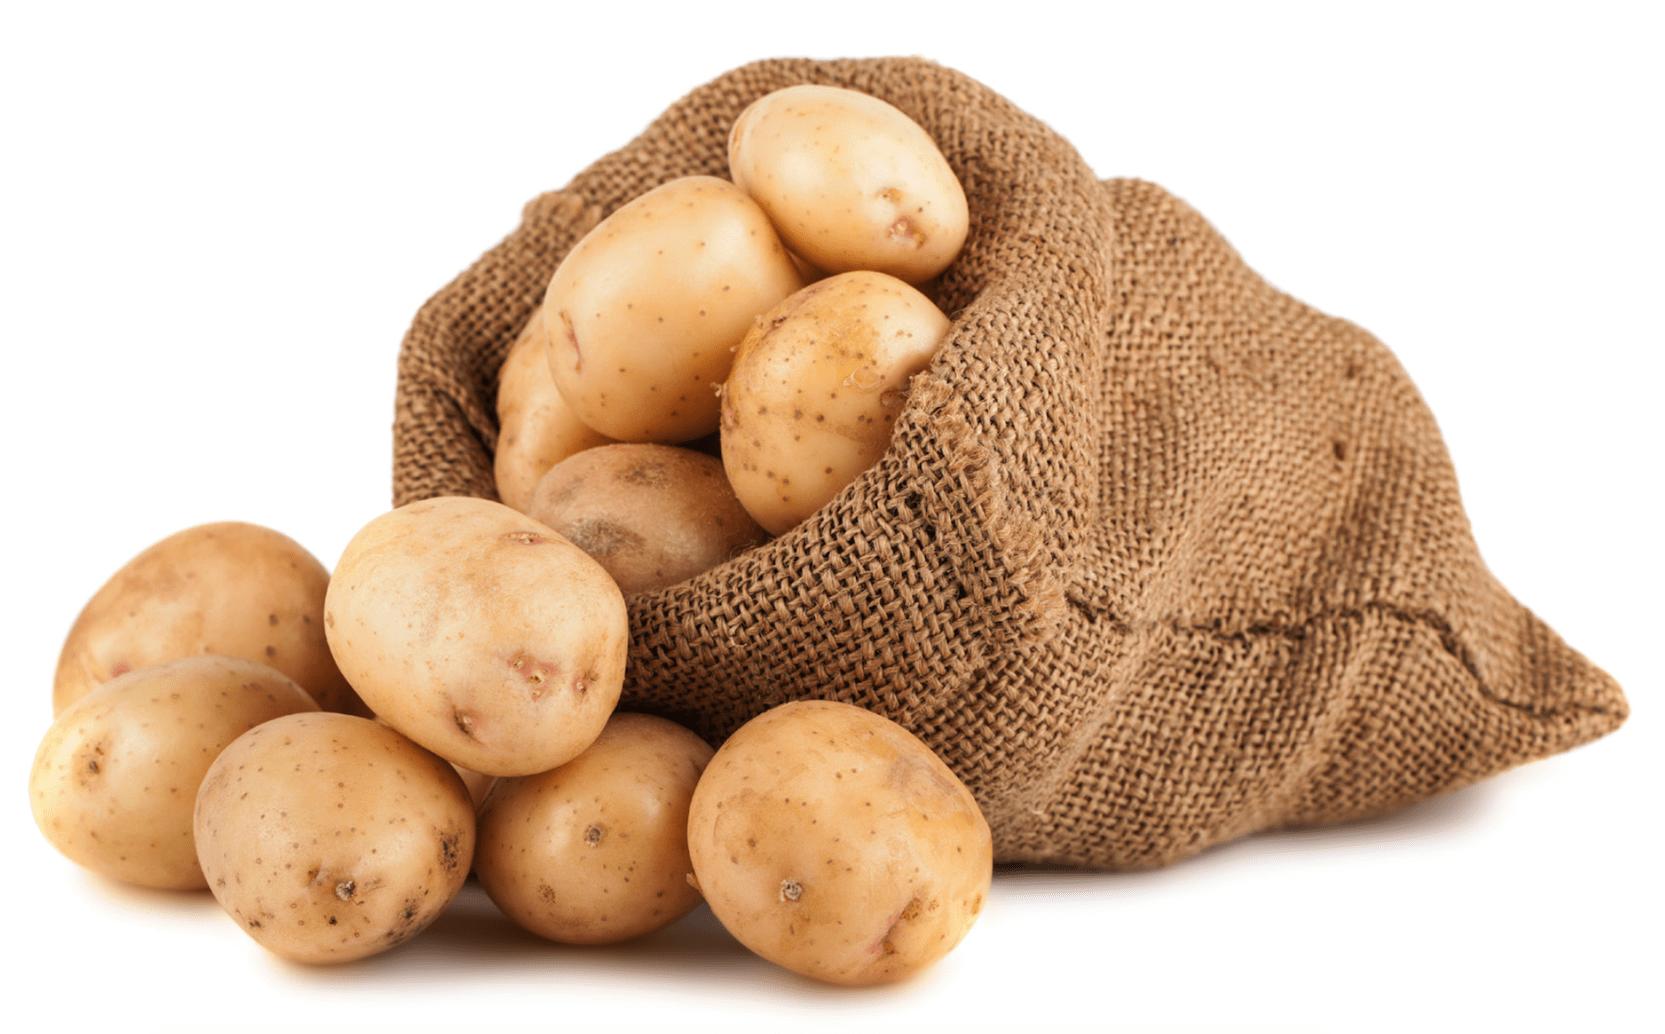 eDoctor - 7 lợi ích tuyệt vời từ khoai tây